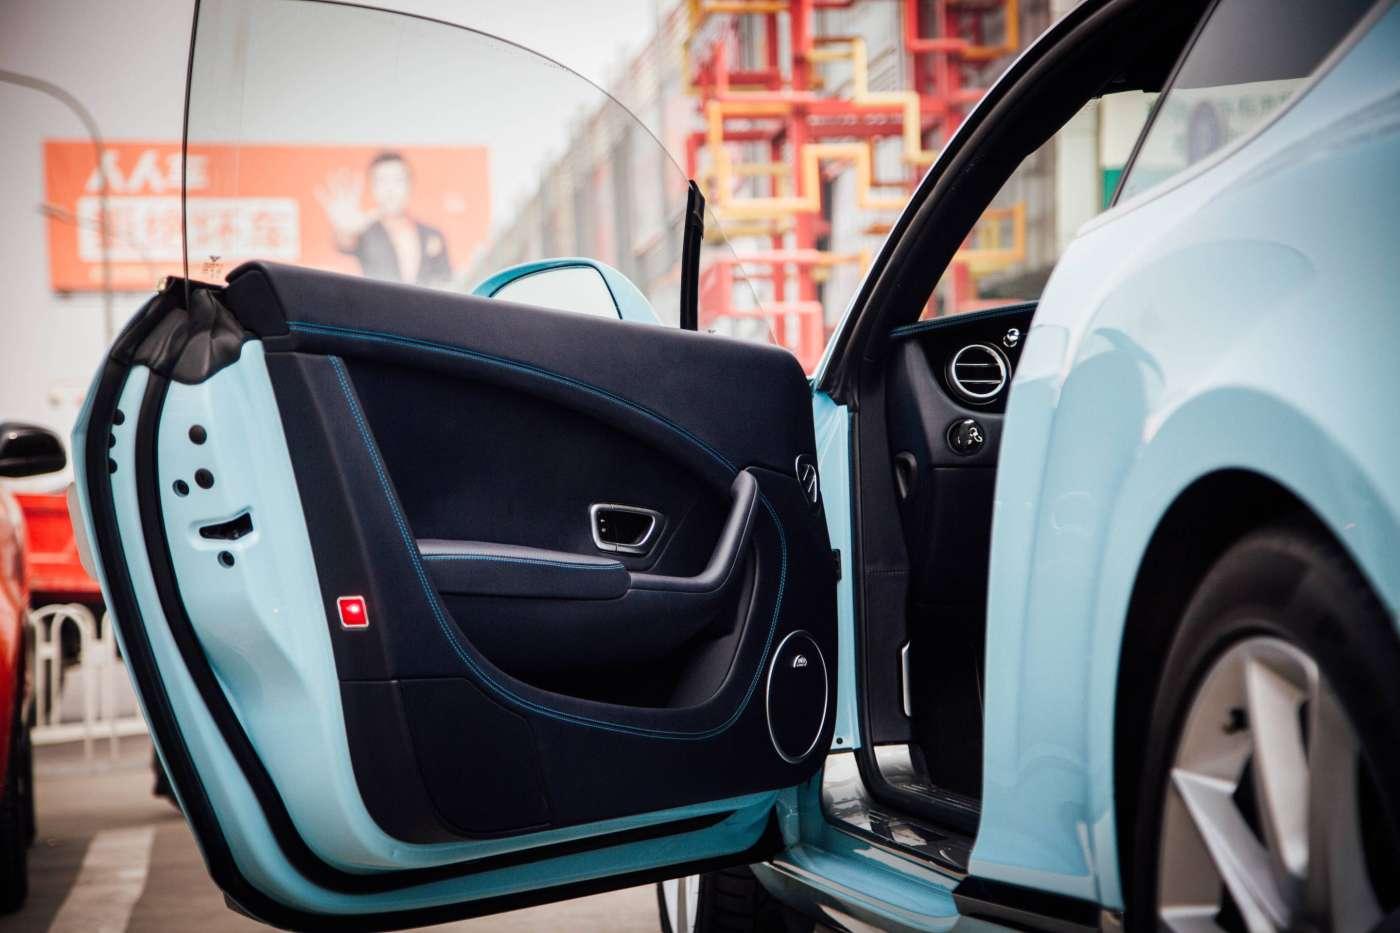 欧陆 2014款 4.0T GT V8 S 标准版 甄选宾利-北京卡斯基汽车服务有限公司